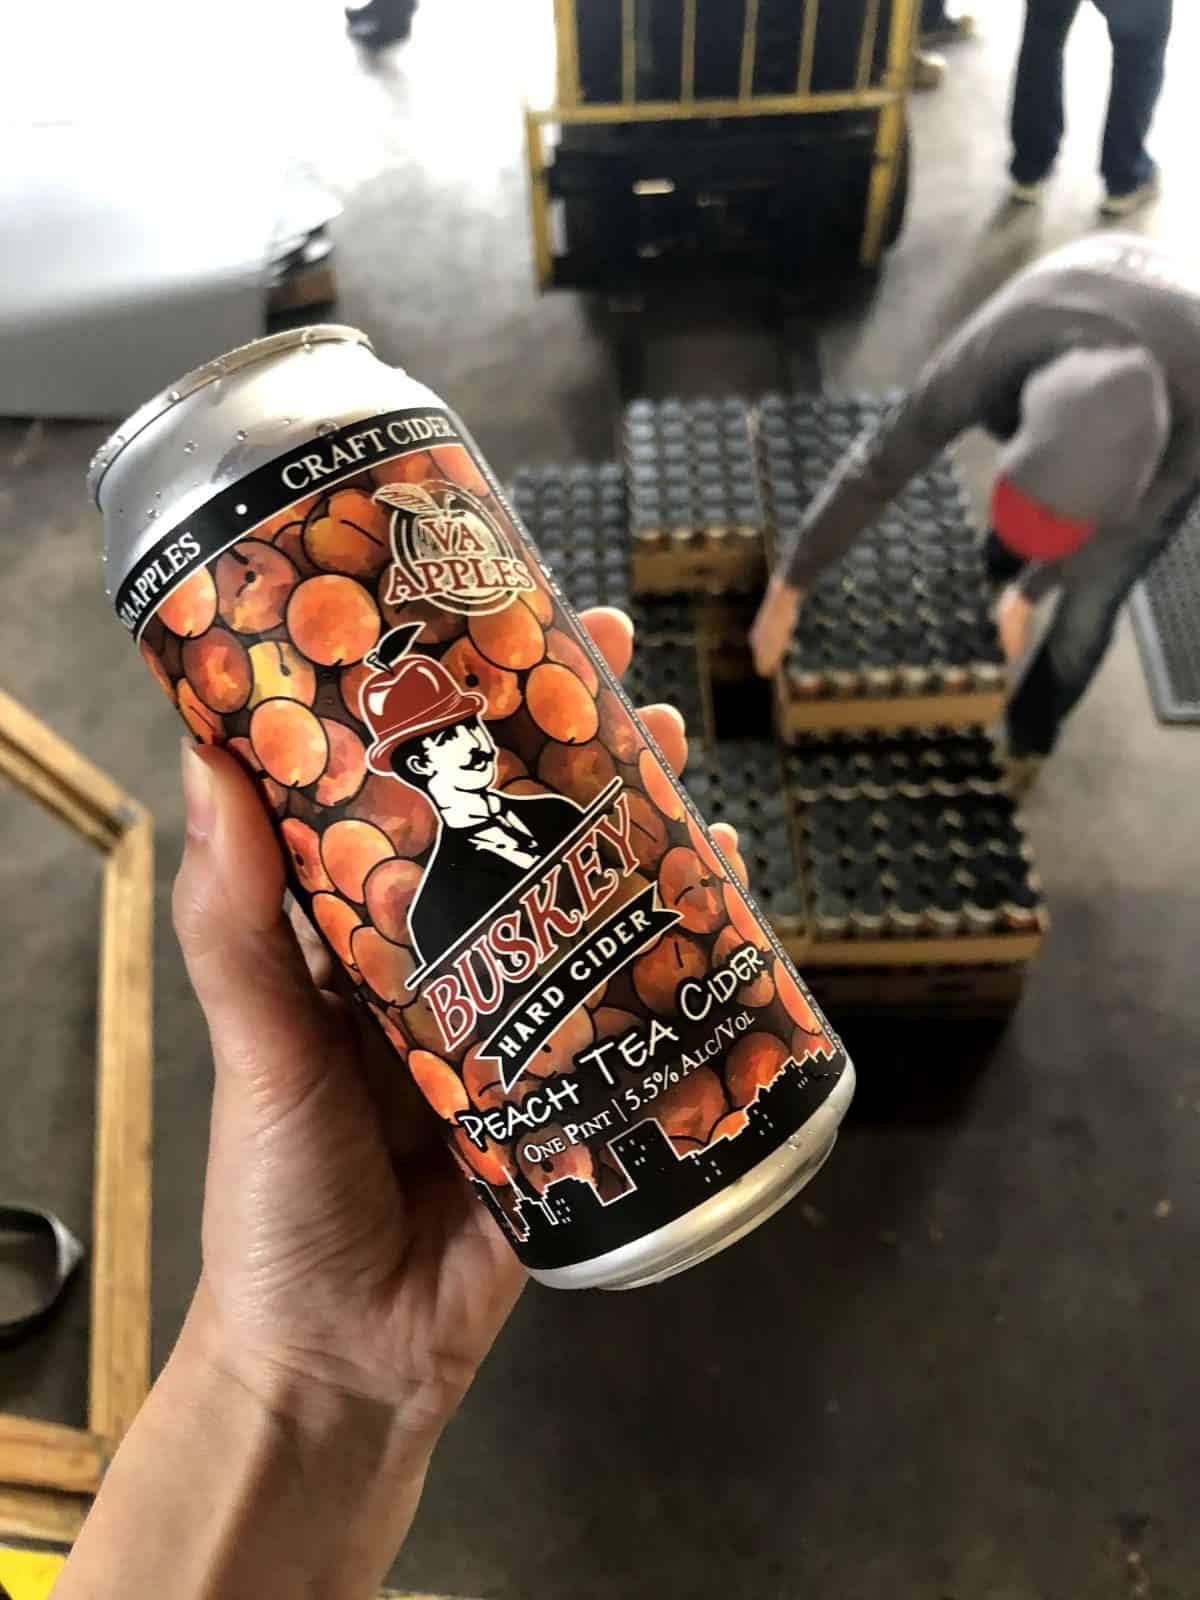 Buskey Peach Tea Cider